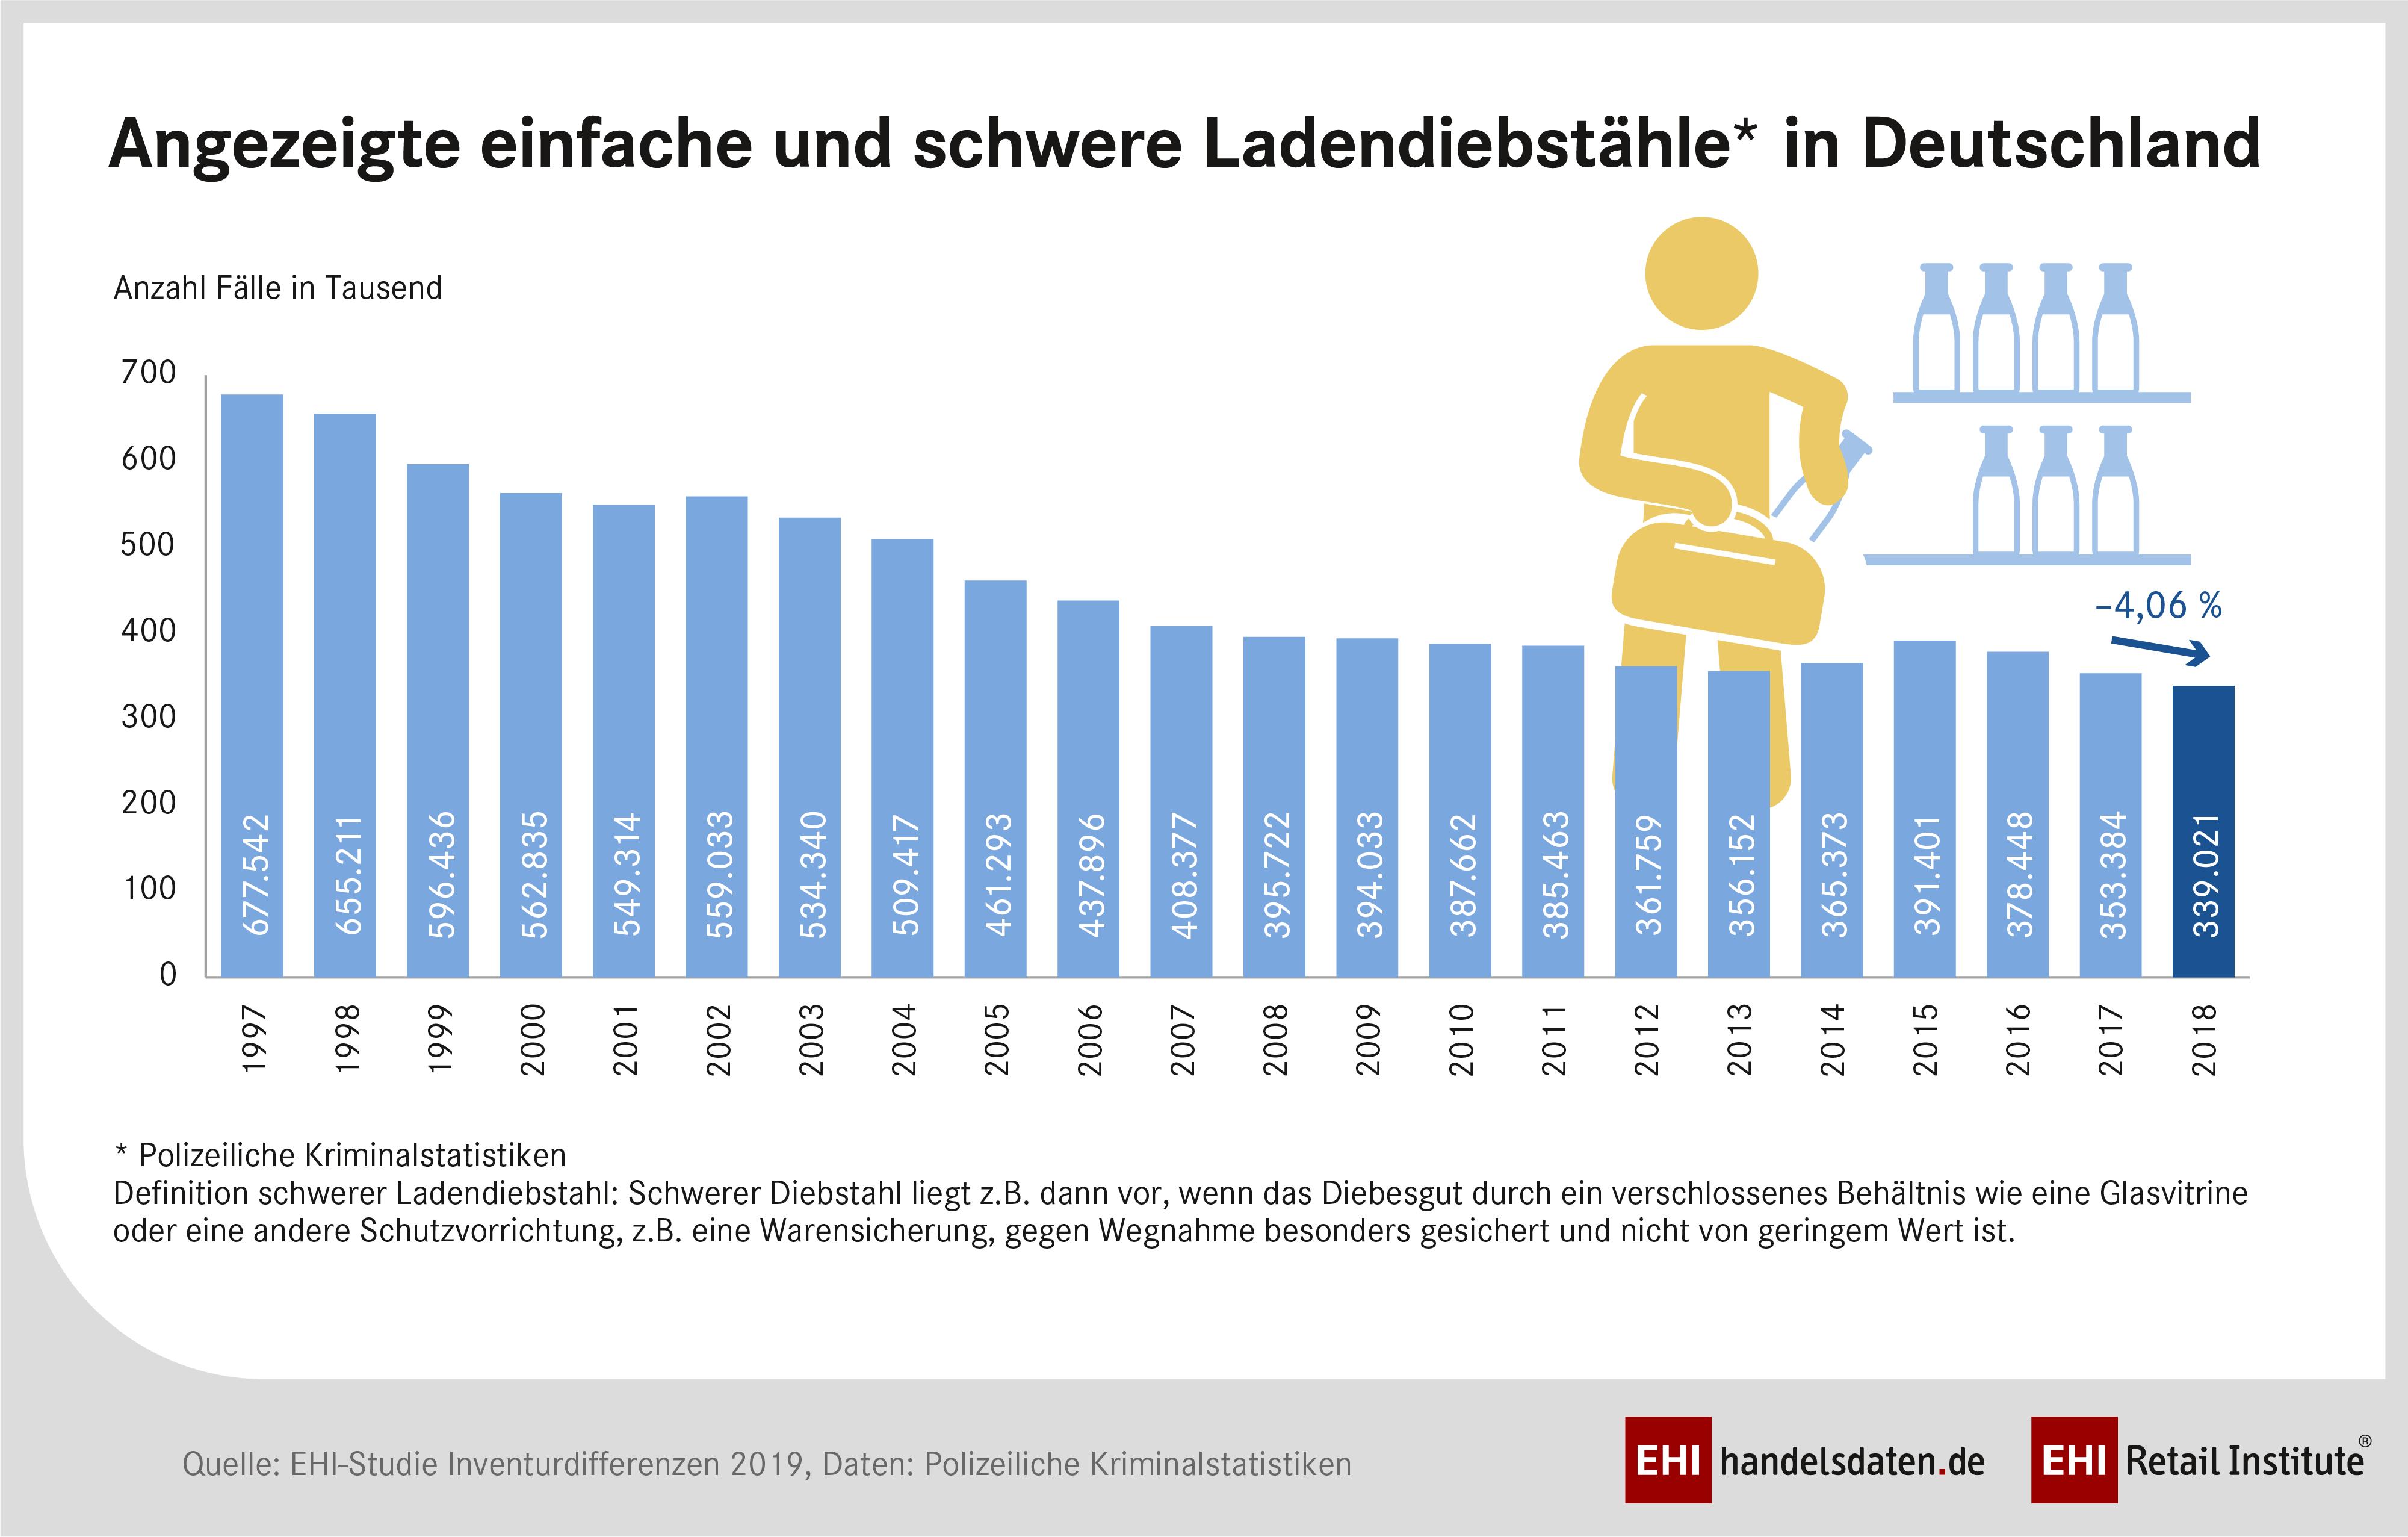 Grafik zu den Ladendiebstählen im deutschen Einzelhandel. Abbildung: EHI